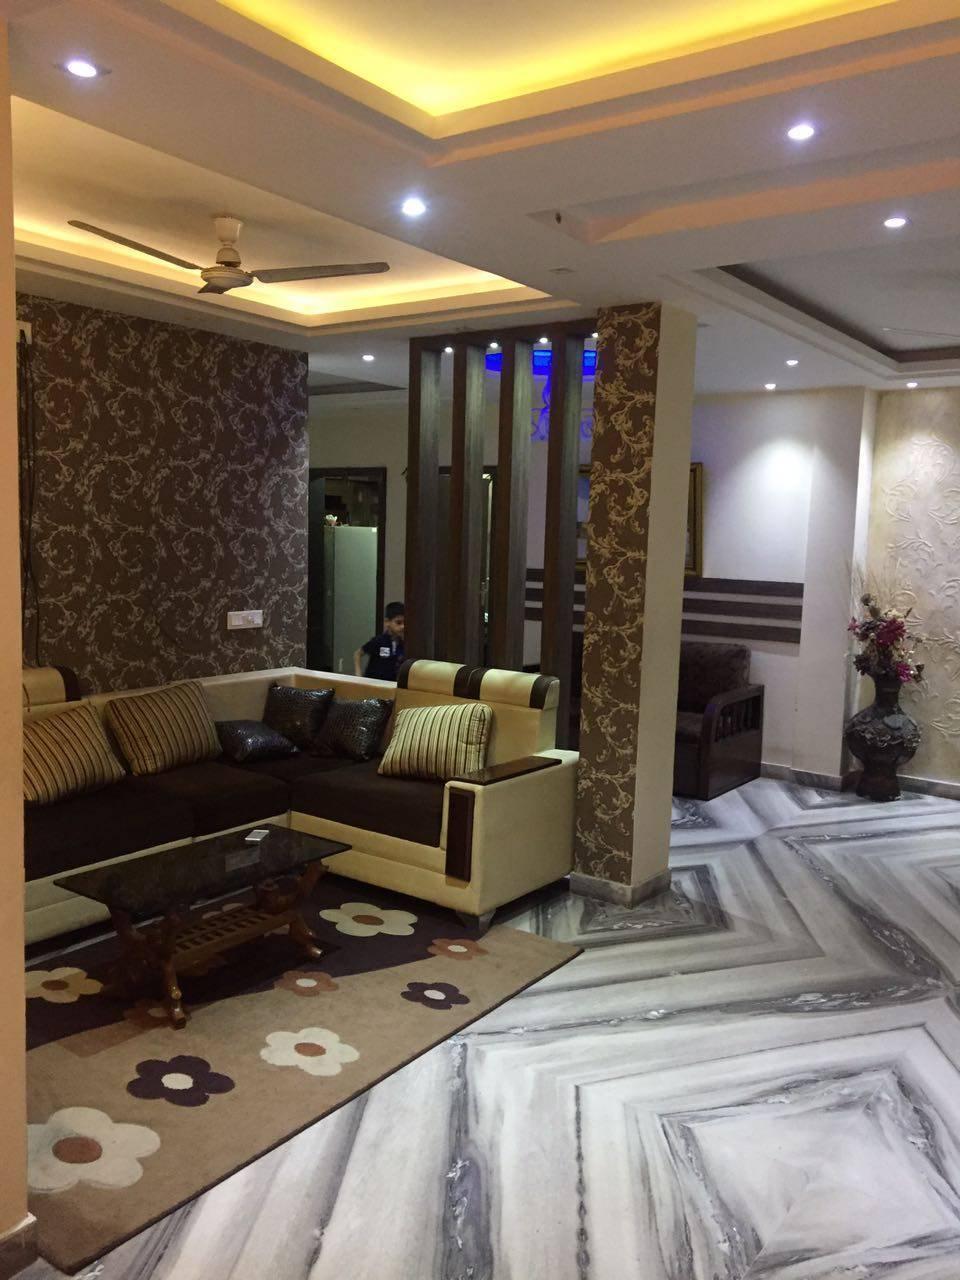 Avinash House, Kolkata, India, India hotels and hostels